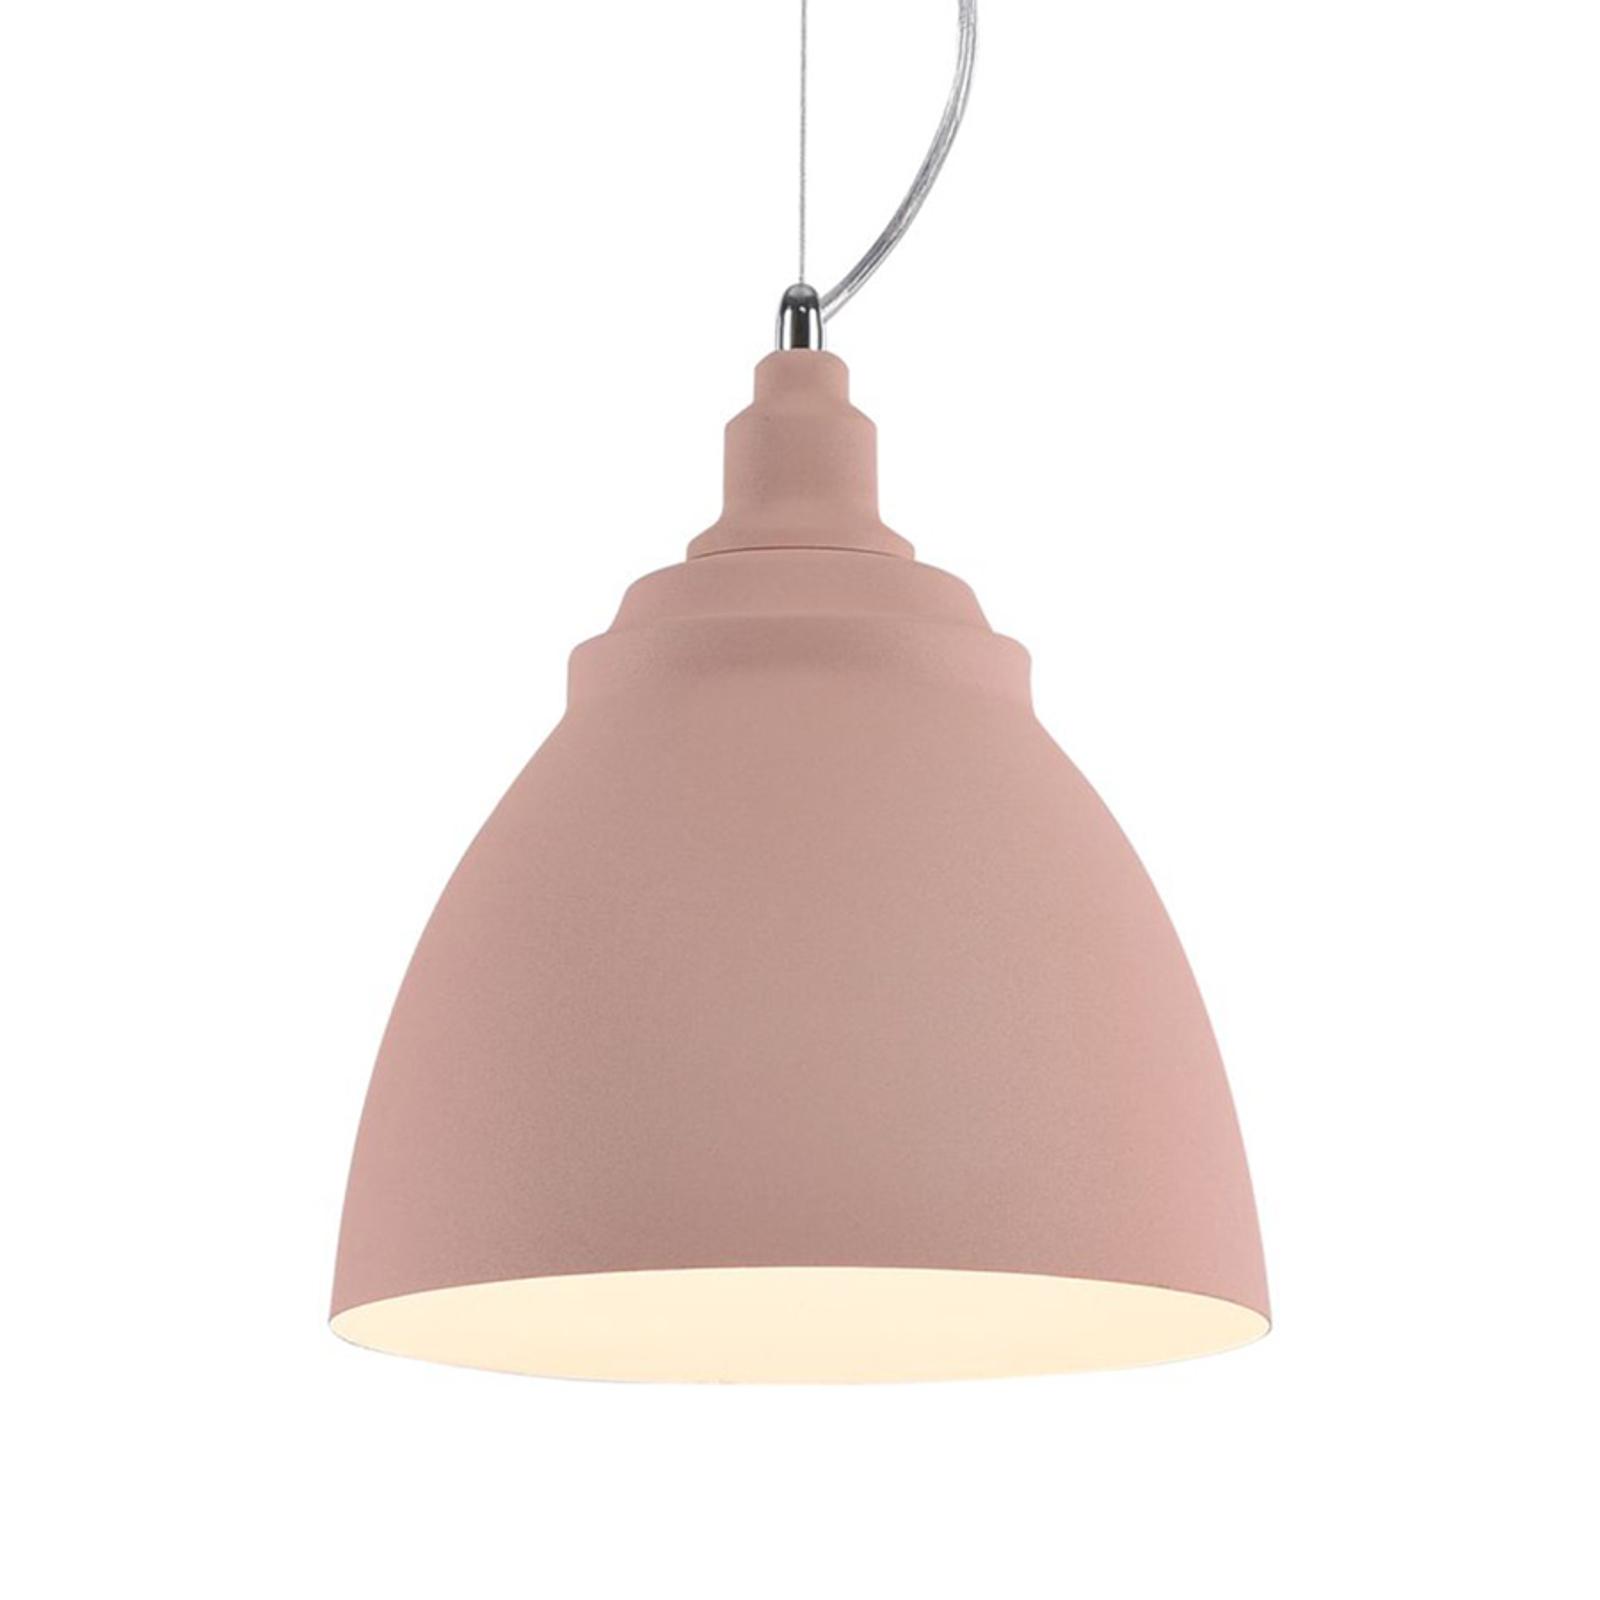 Lampa wisząca Bellevue, różowa